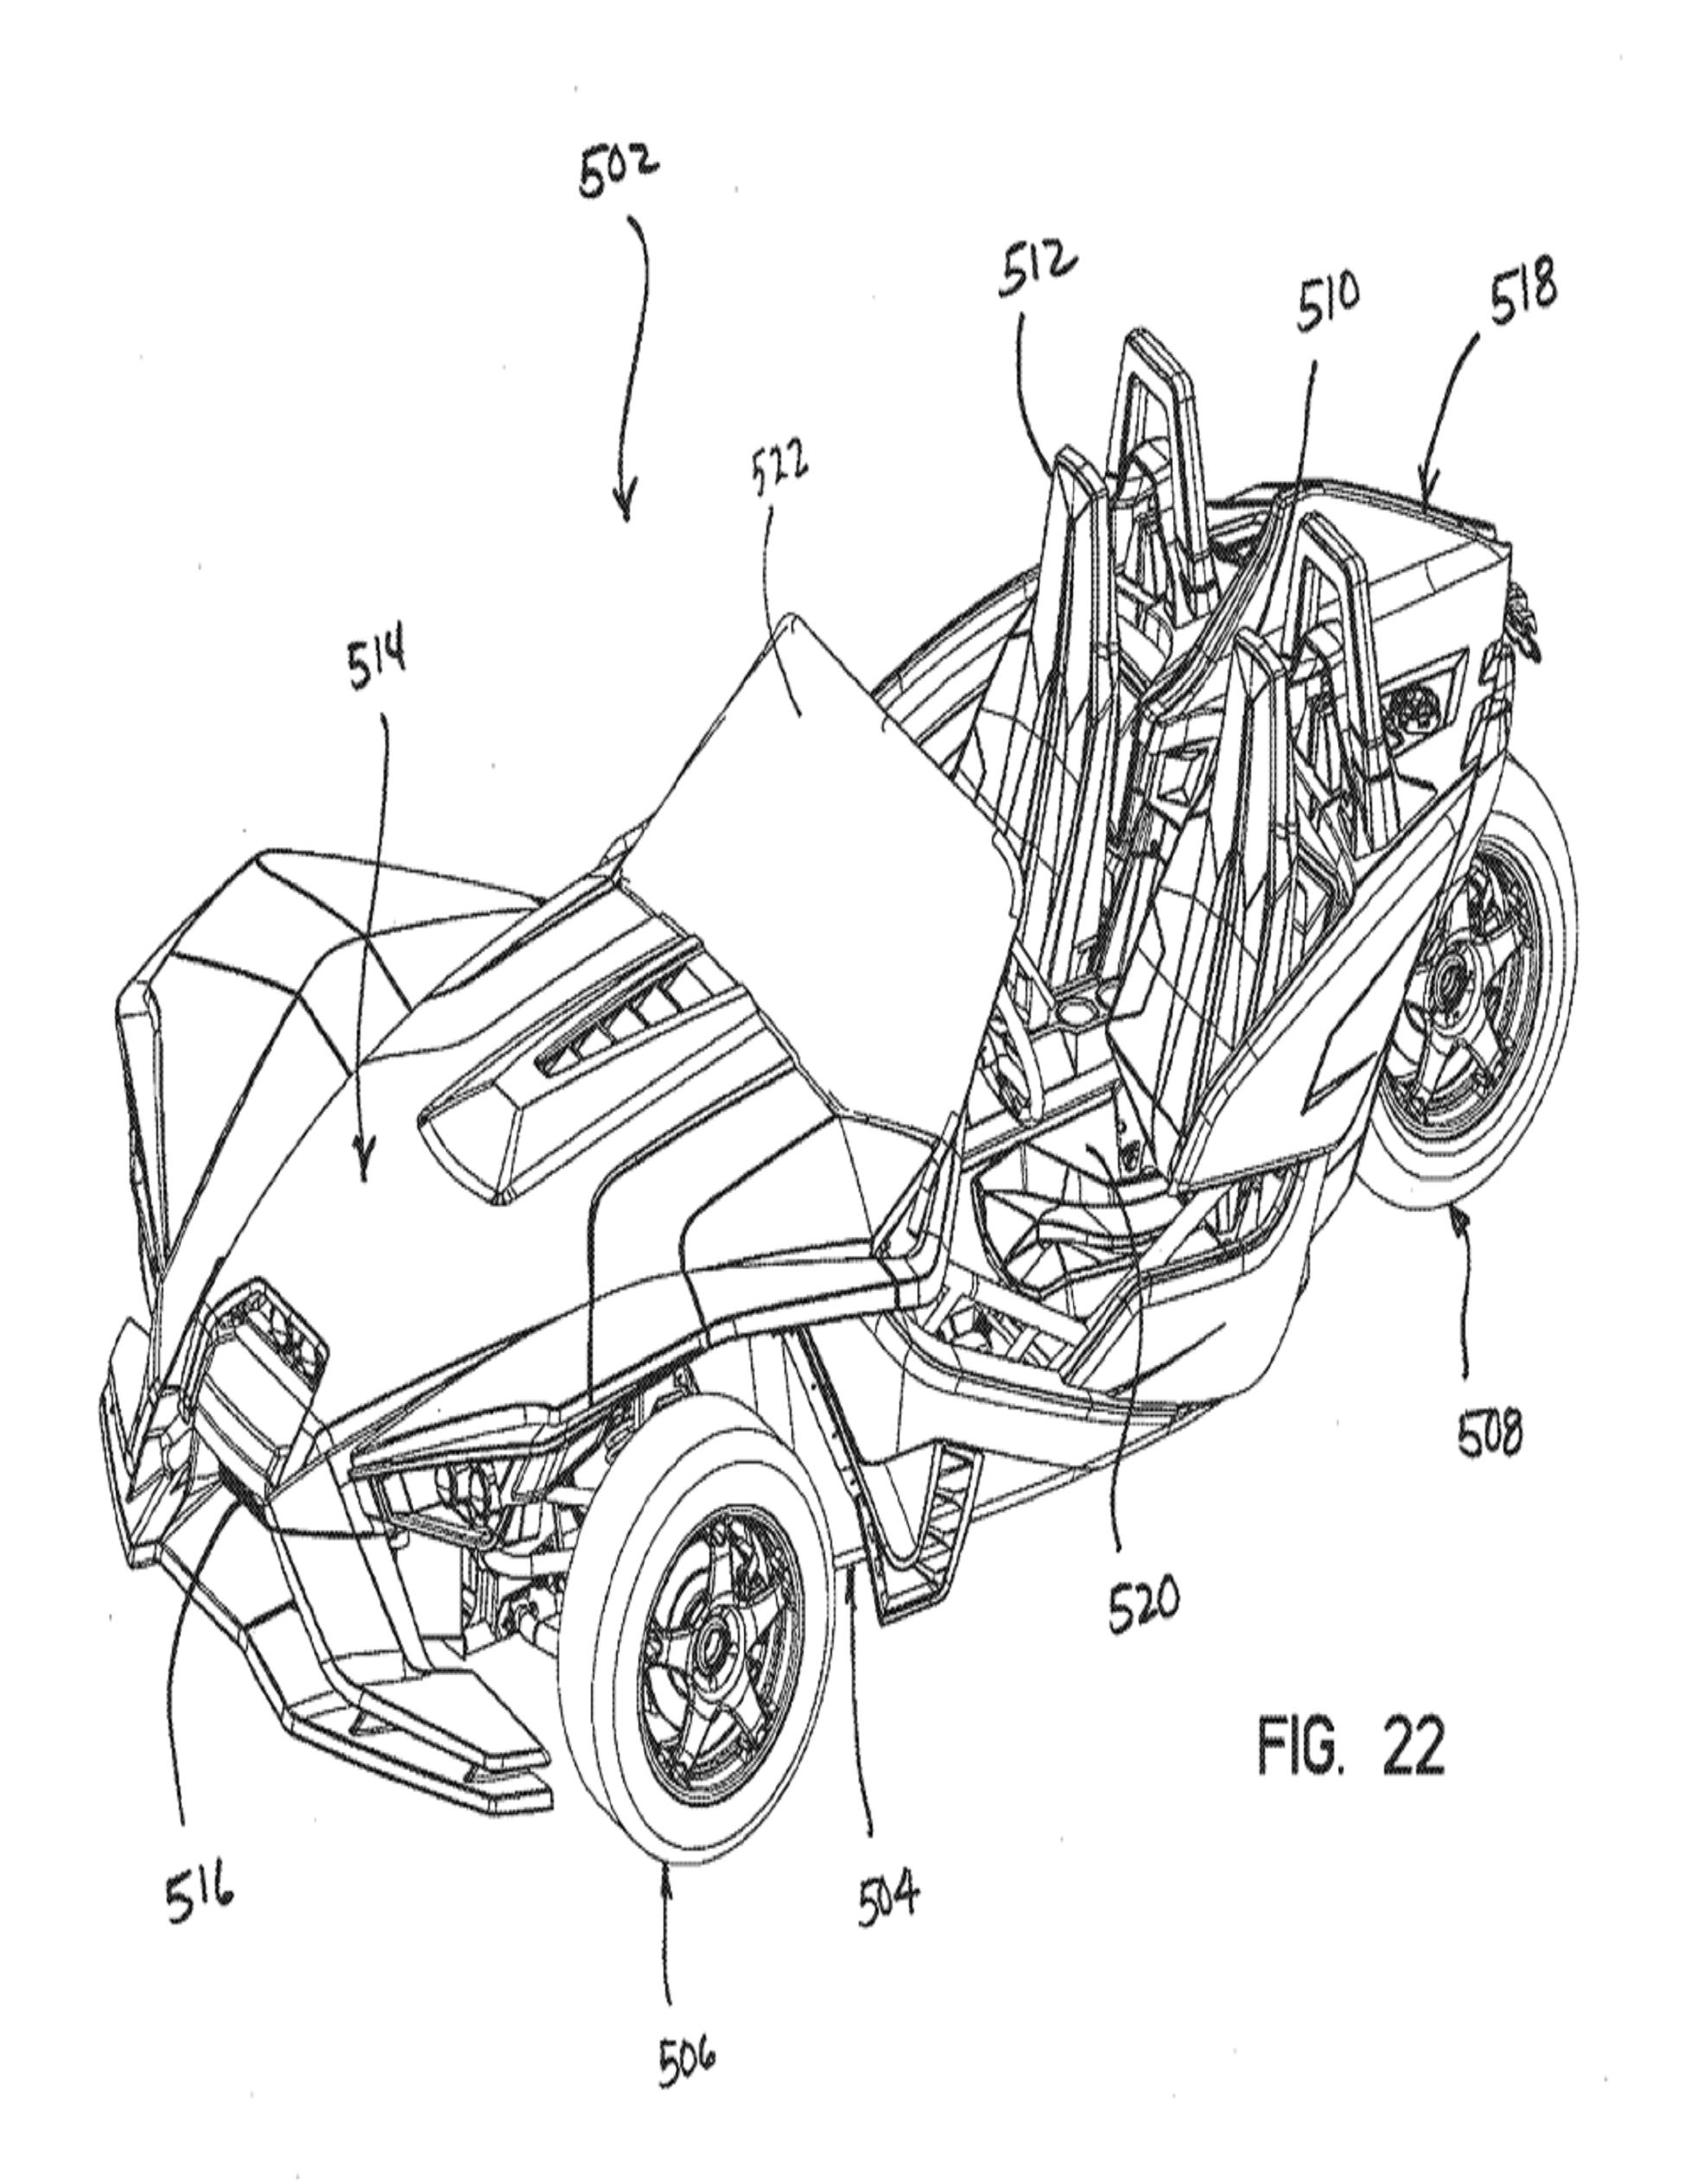 tecnico perito especializado en patentes